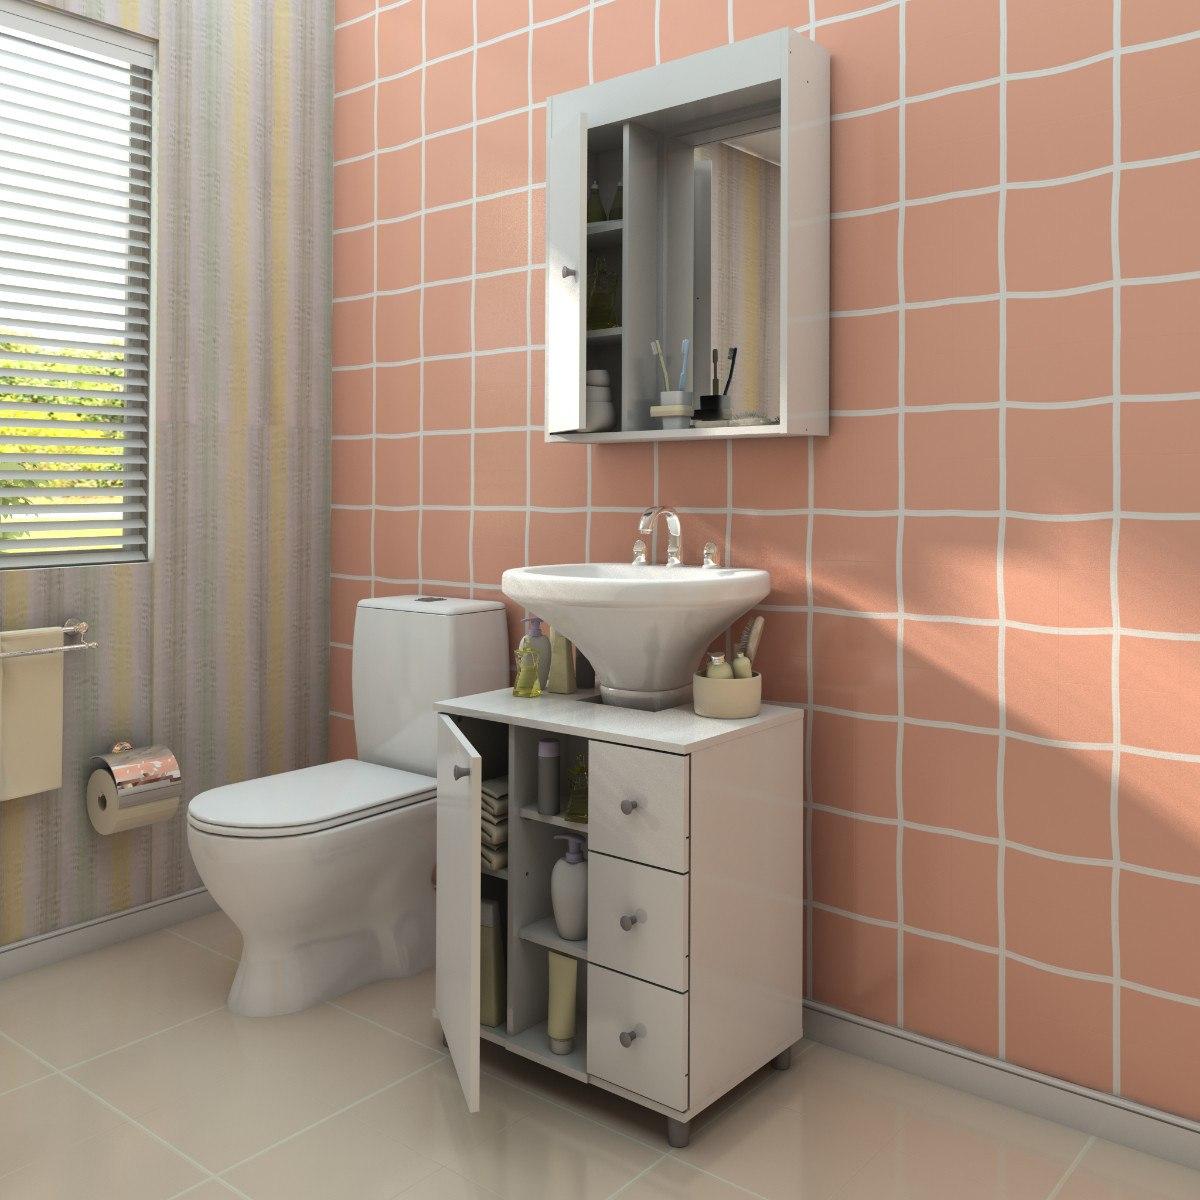 Fotos De Gabinetes Banheiro Decorados E Planejados Onde Comprar  #8C633F 1200x1200 Armario Banheiro Projeto